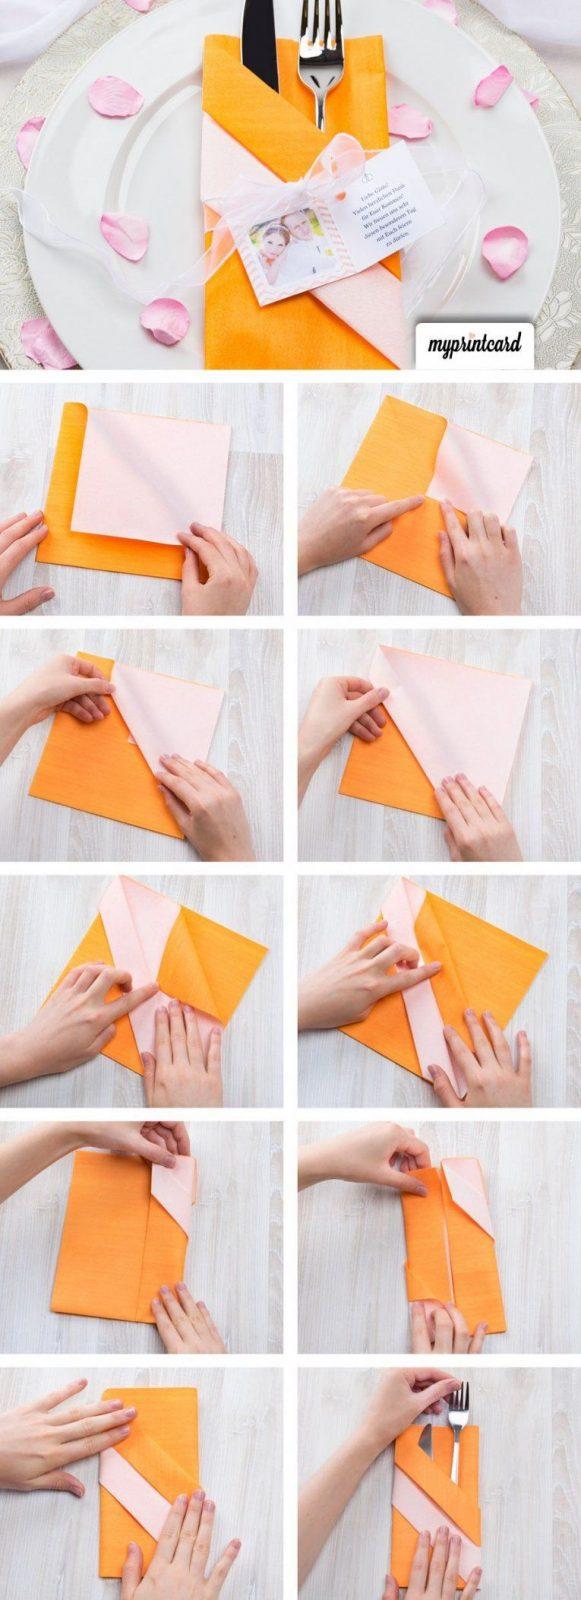 Servietten Falten Besteck Bildergalerie Ideen von Bestecktaschen Falten Für Buffet Bild